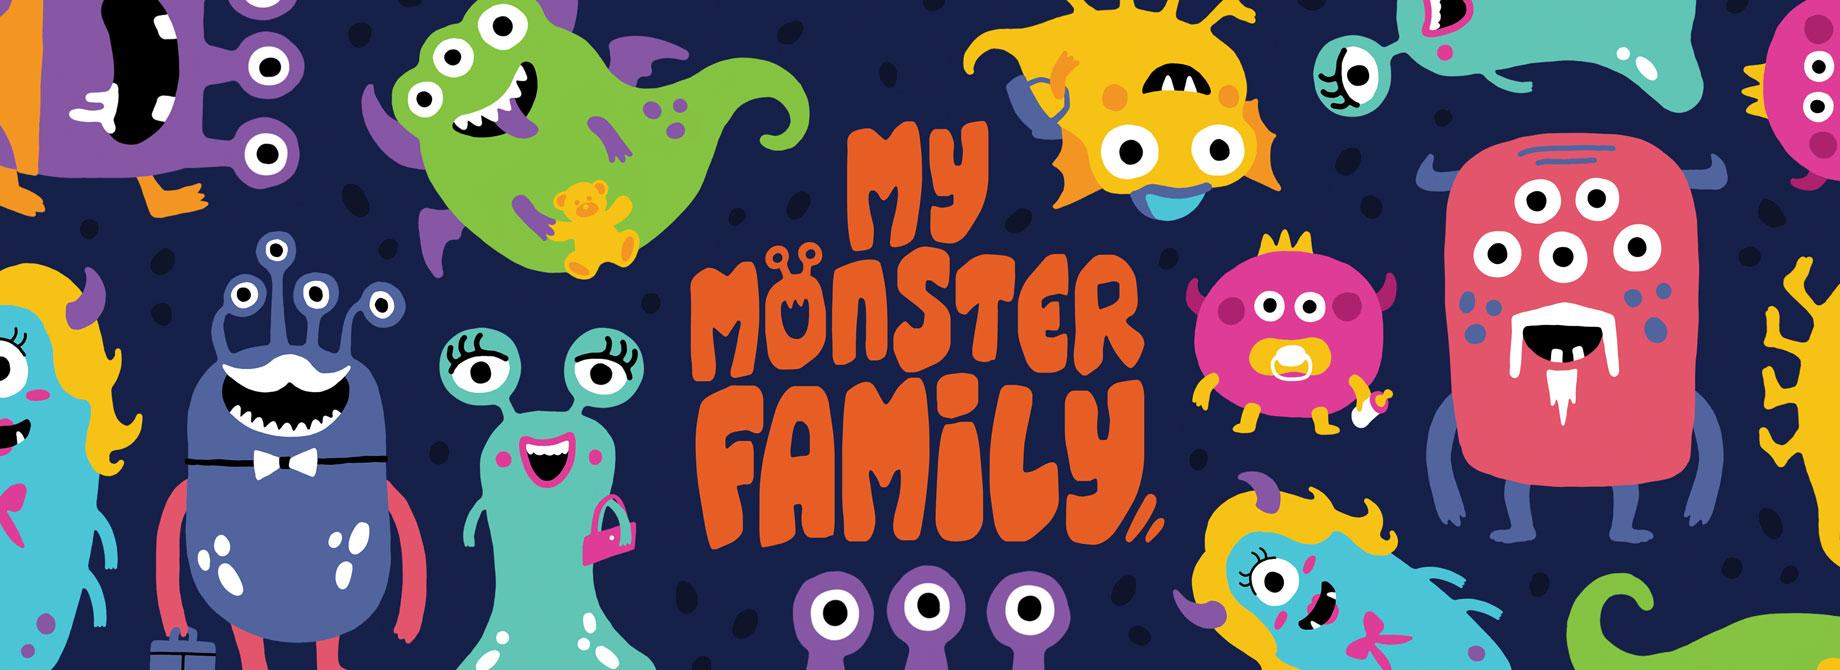 https://spring-learning.com.hk/wp-content/uploads/2017/02/monster_family_web_Inside_920x335px.jpg